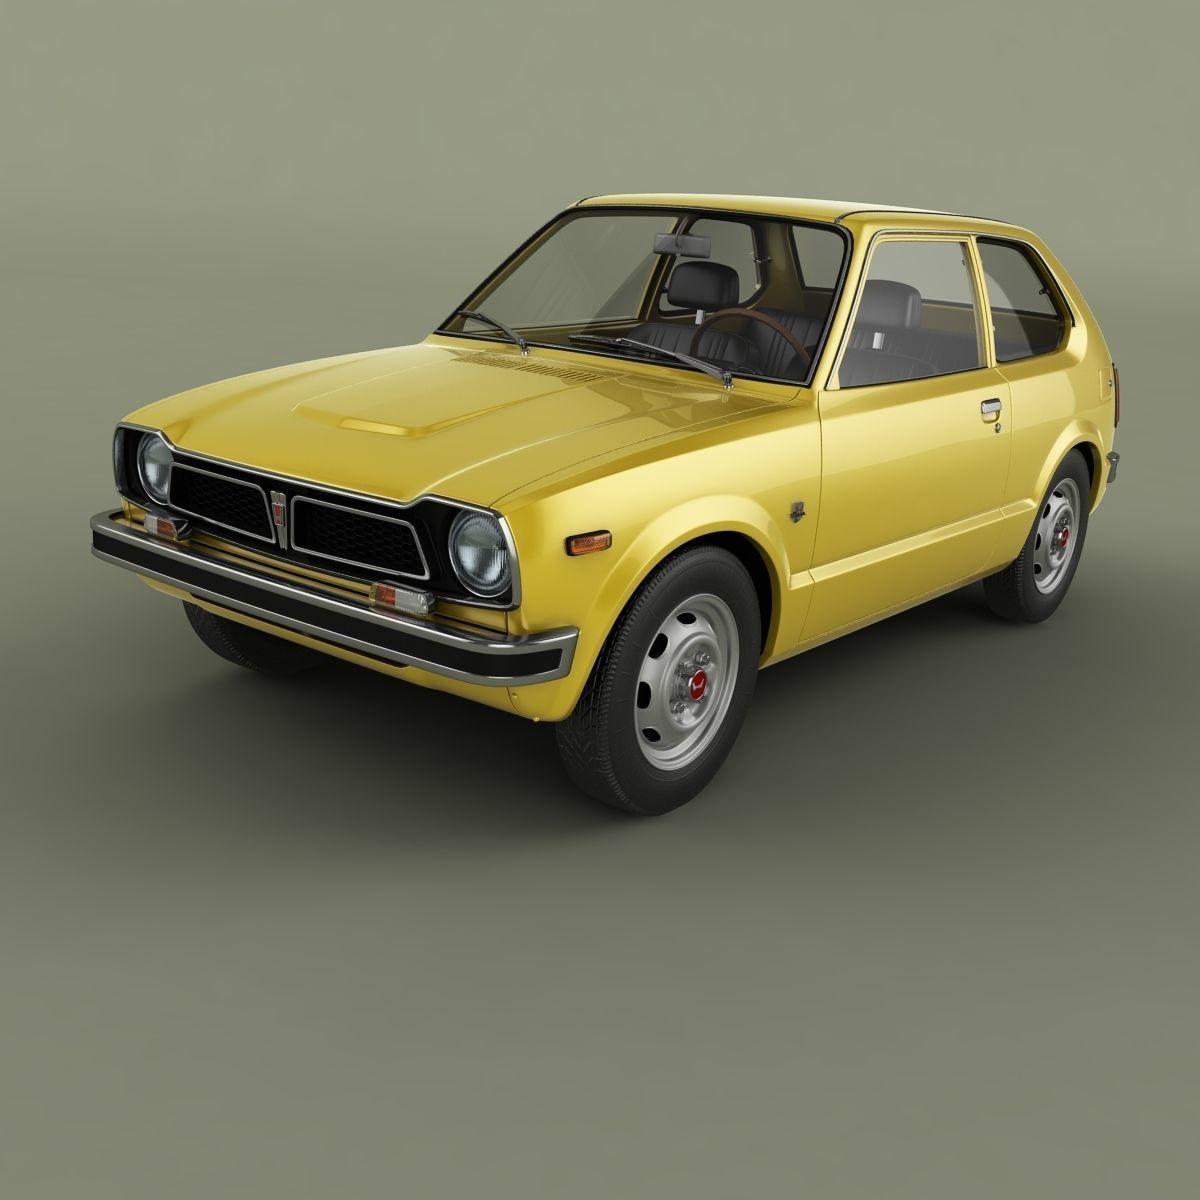 Honda Civic 2-door 1972